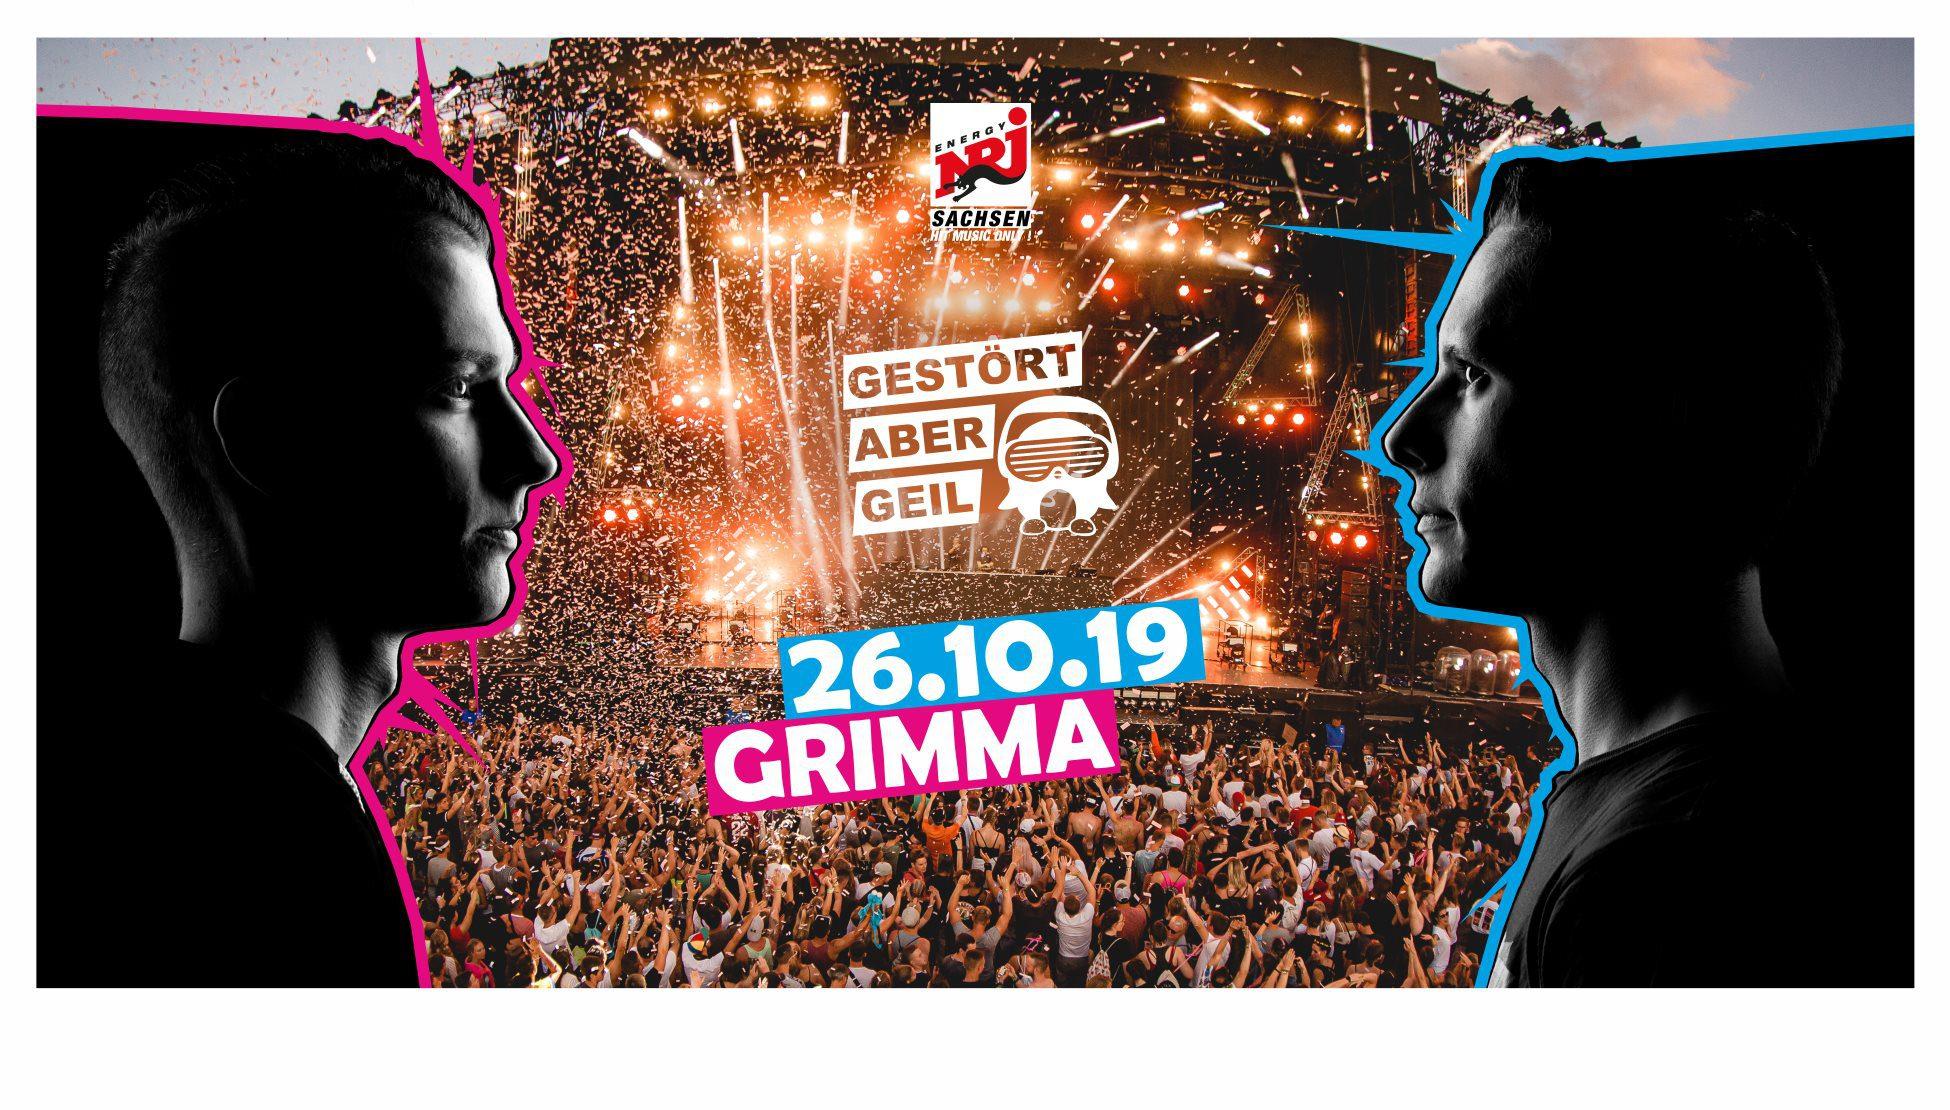 Muldentalhalle Grimma Veranstaltungen